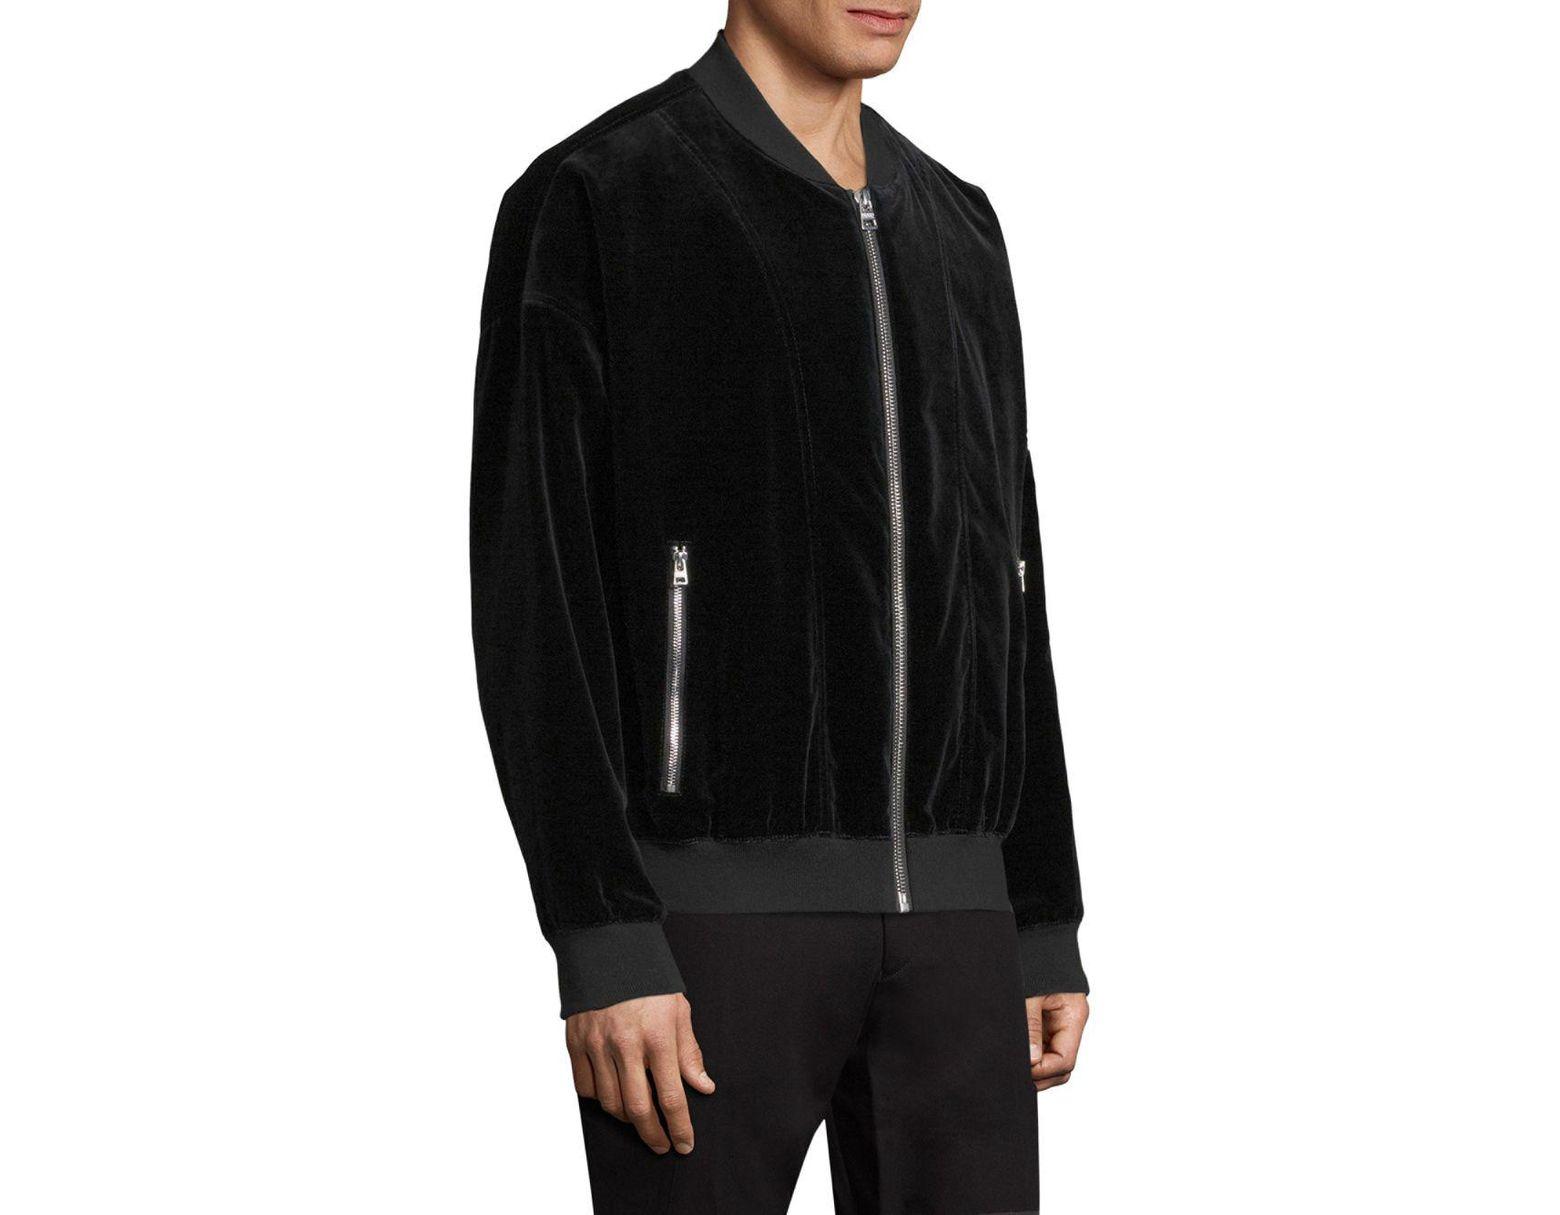 73d6dce60 BOSS Bitrel Velvet Bomber Jacket in Black for Men - Lyst